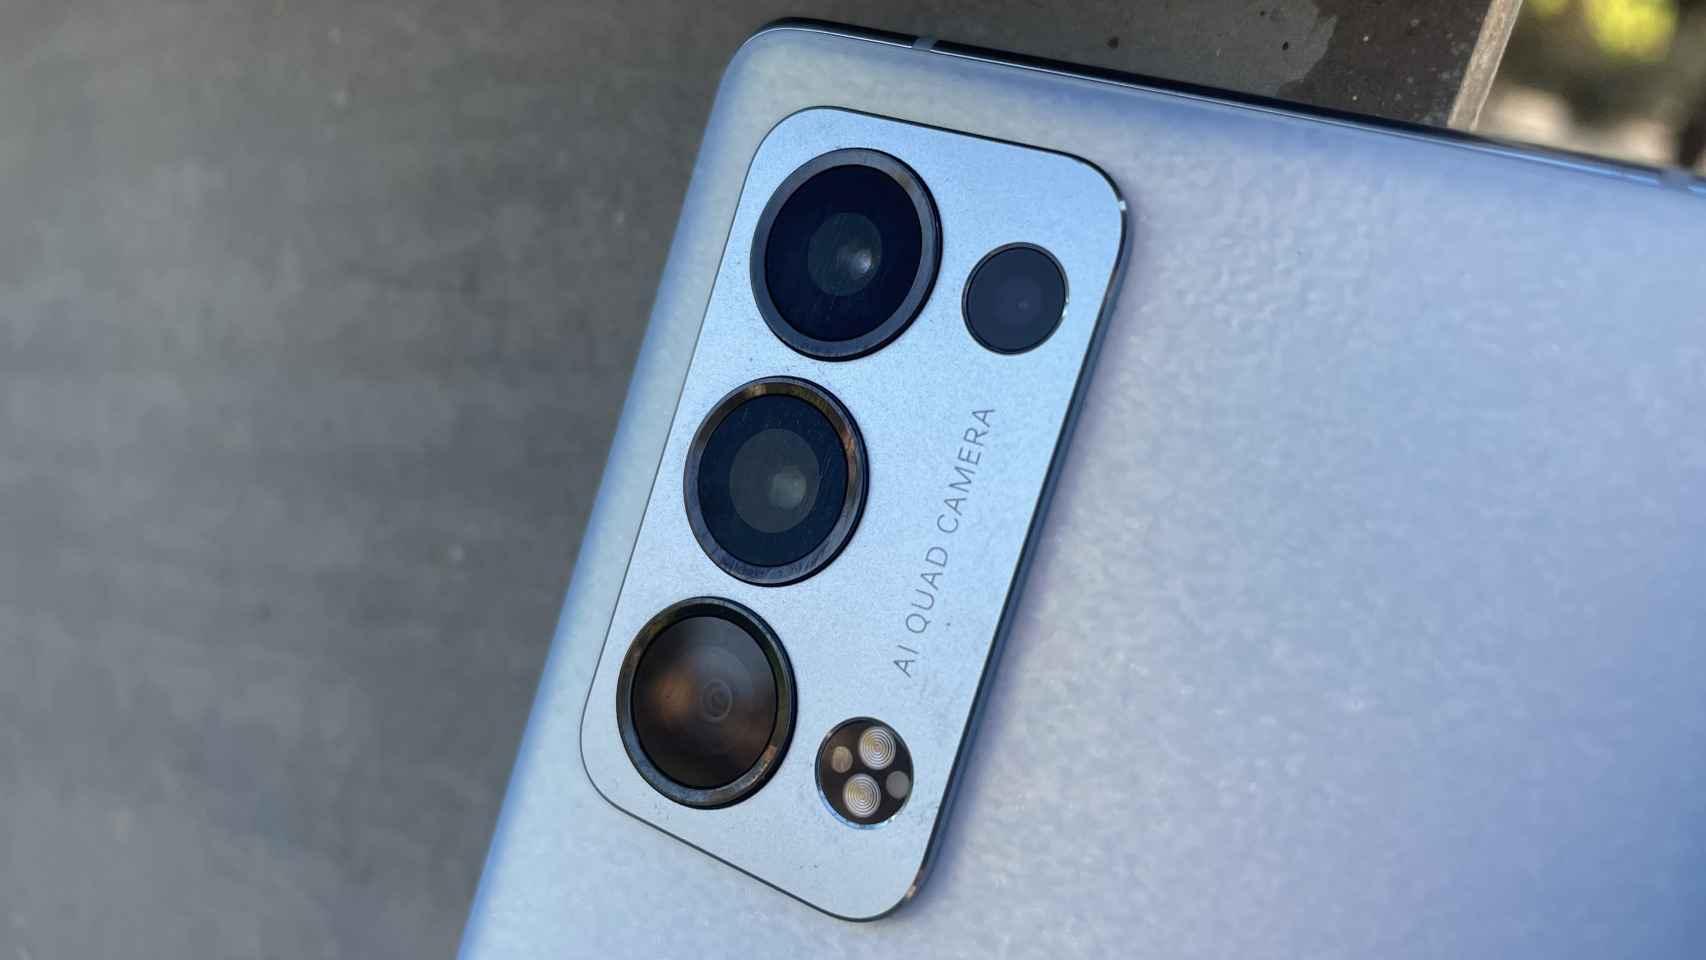 Probamos las cámaras del Oppo Reno 6 Pro